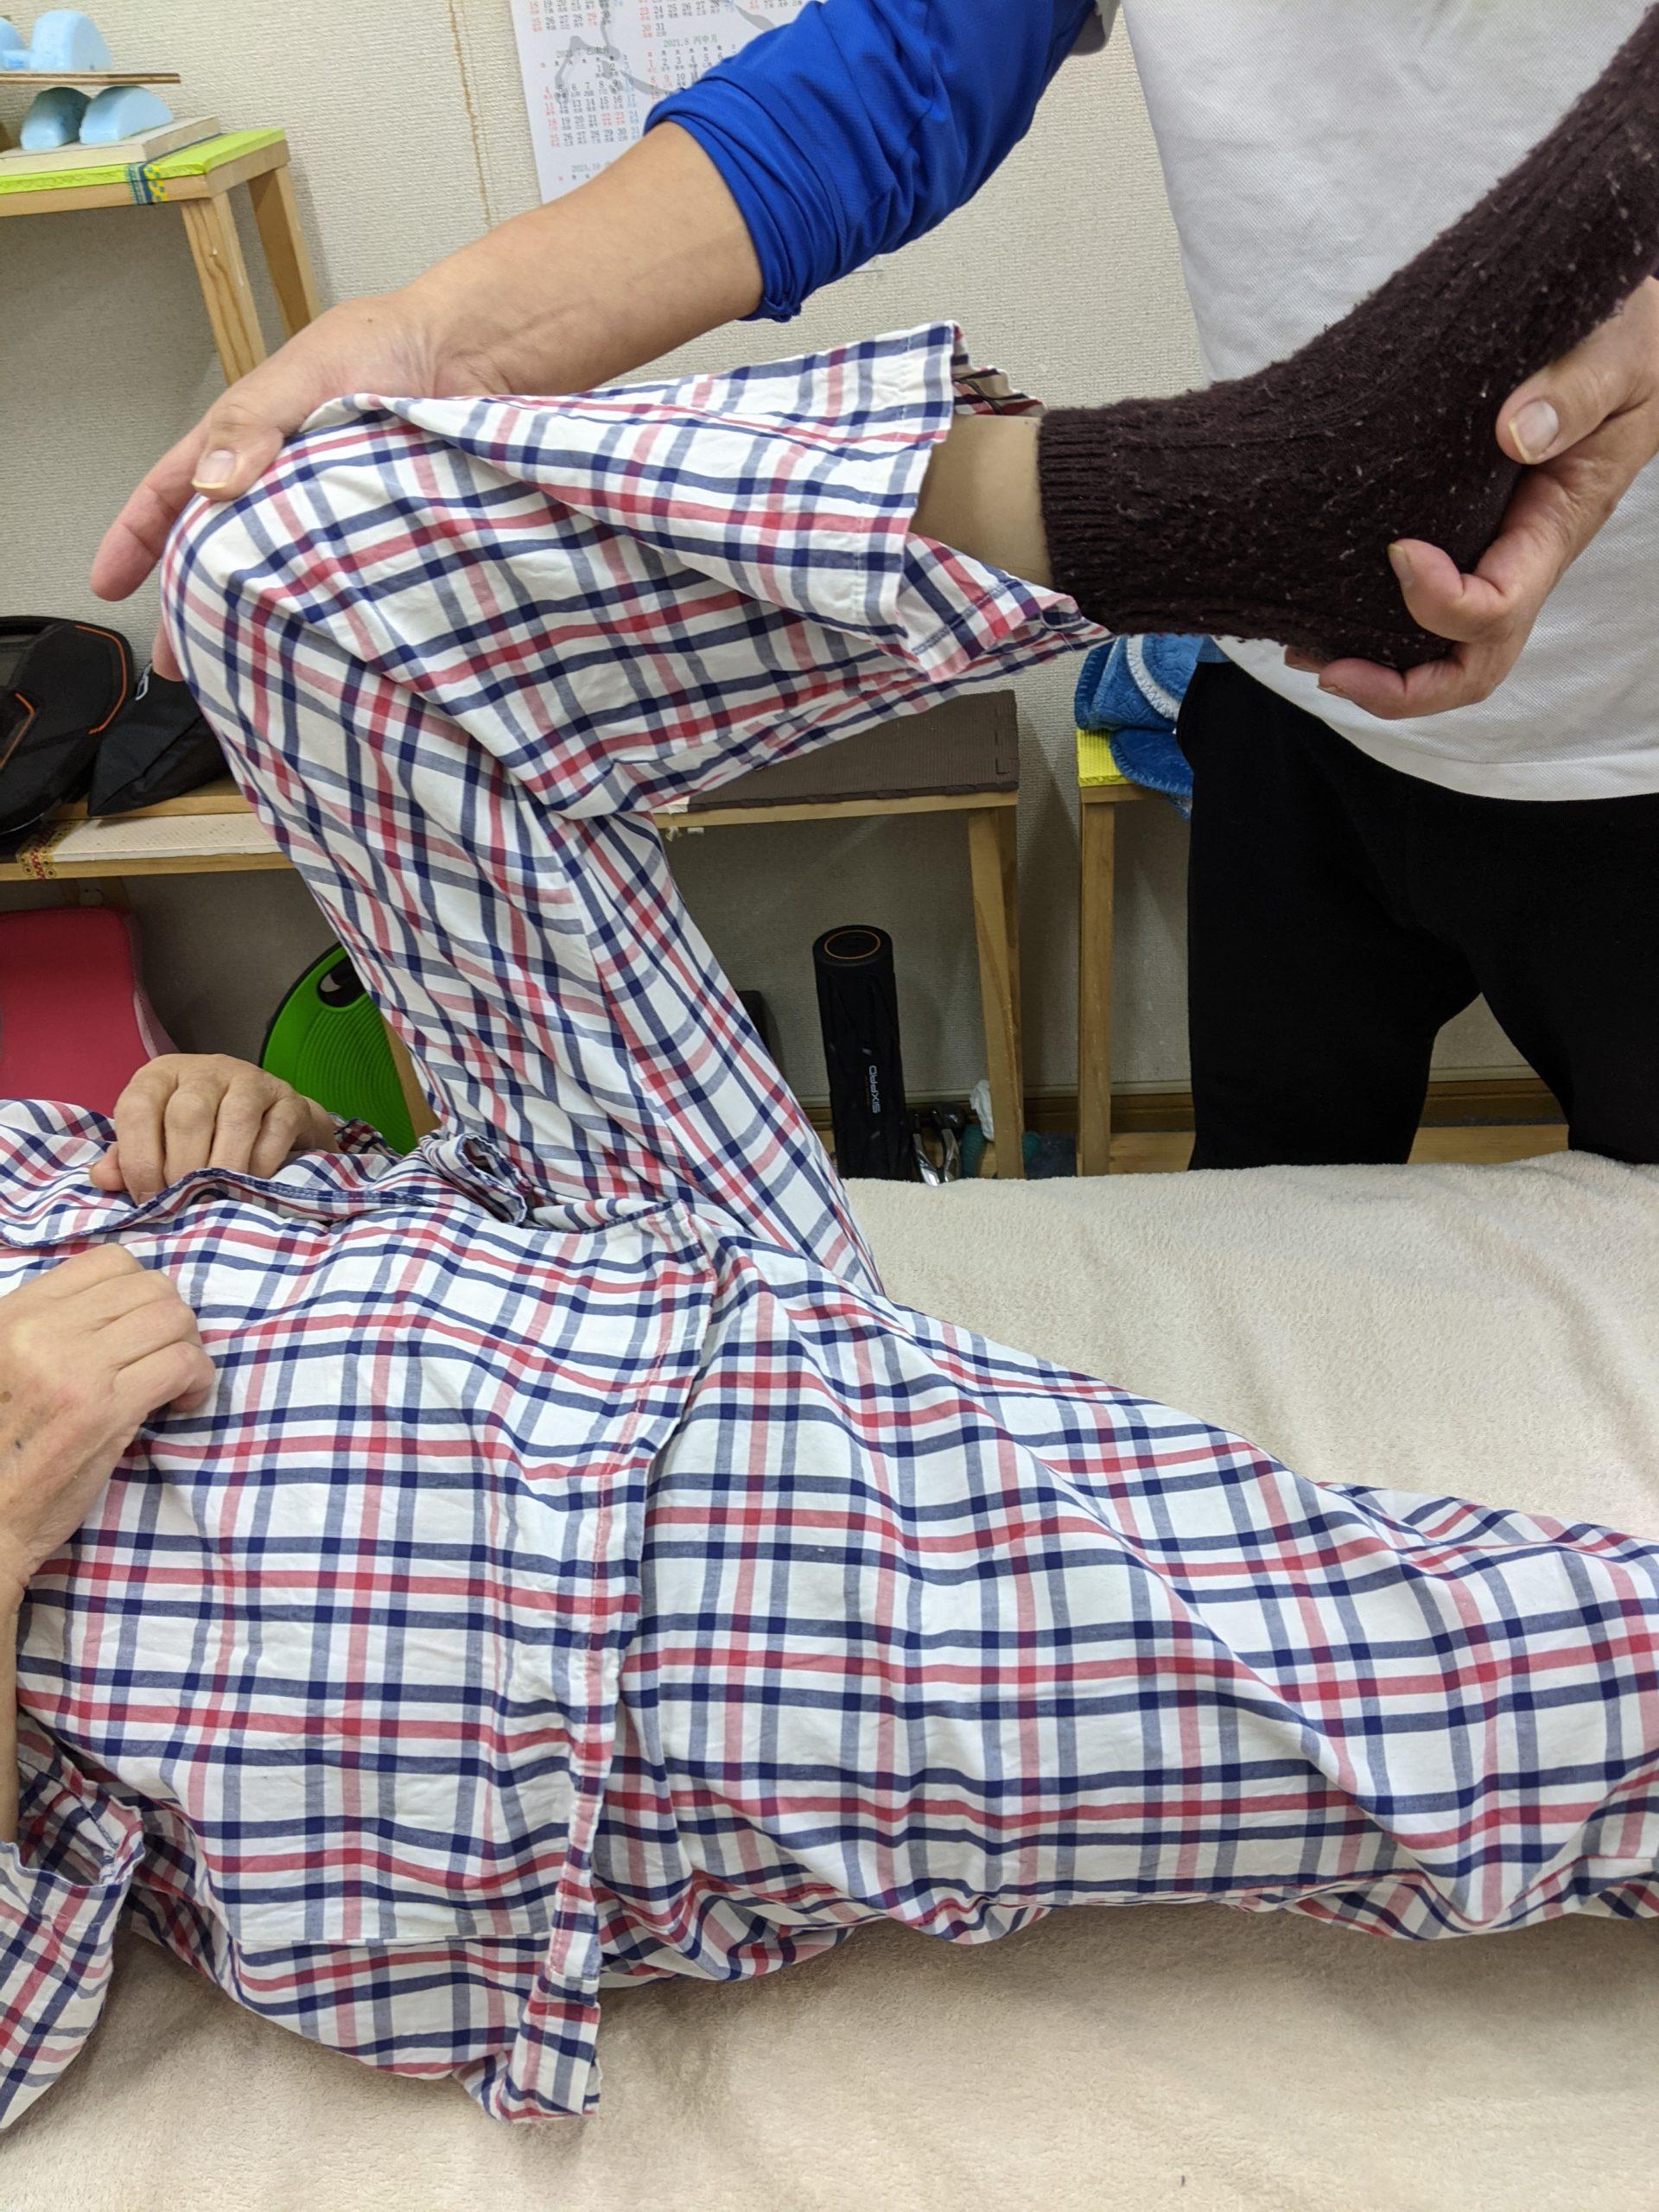 関節可動域測定と徒手矯正術について